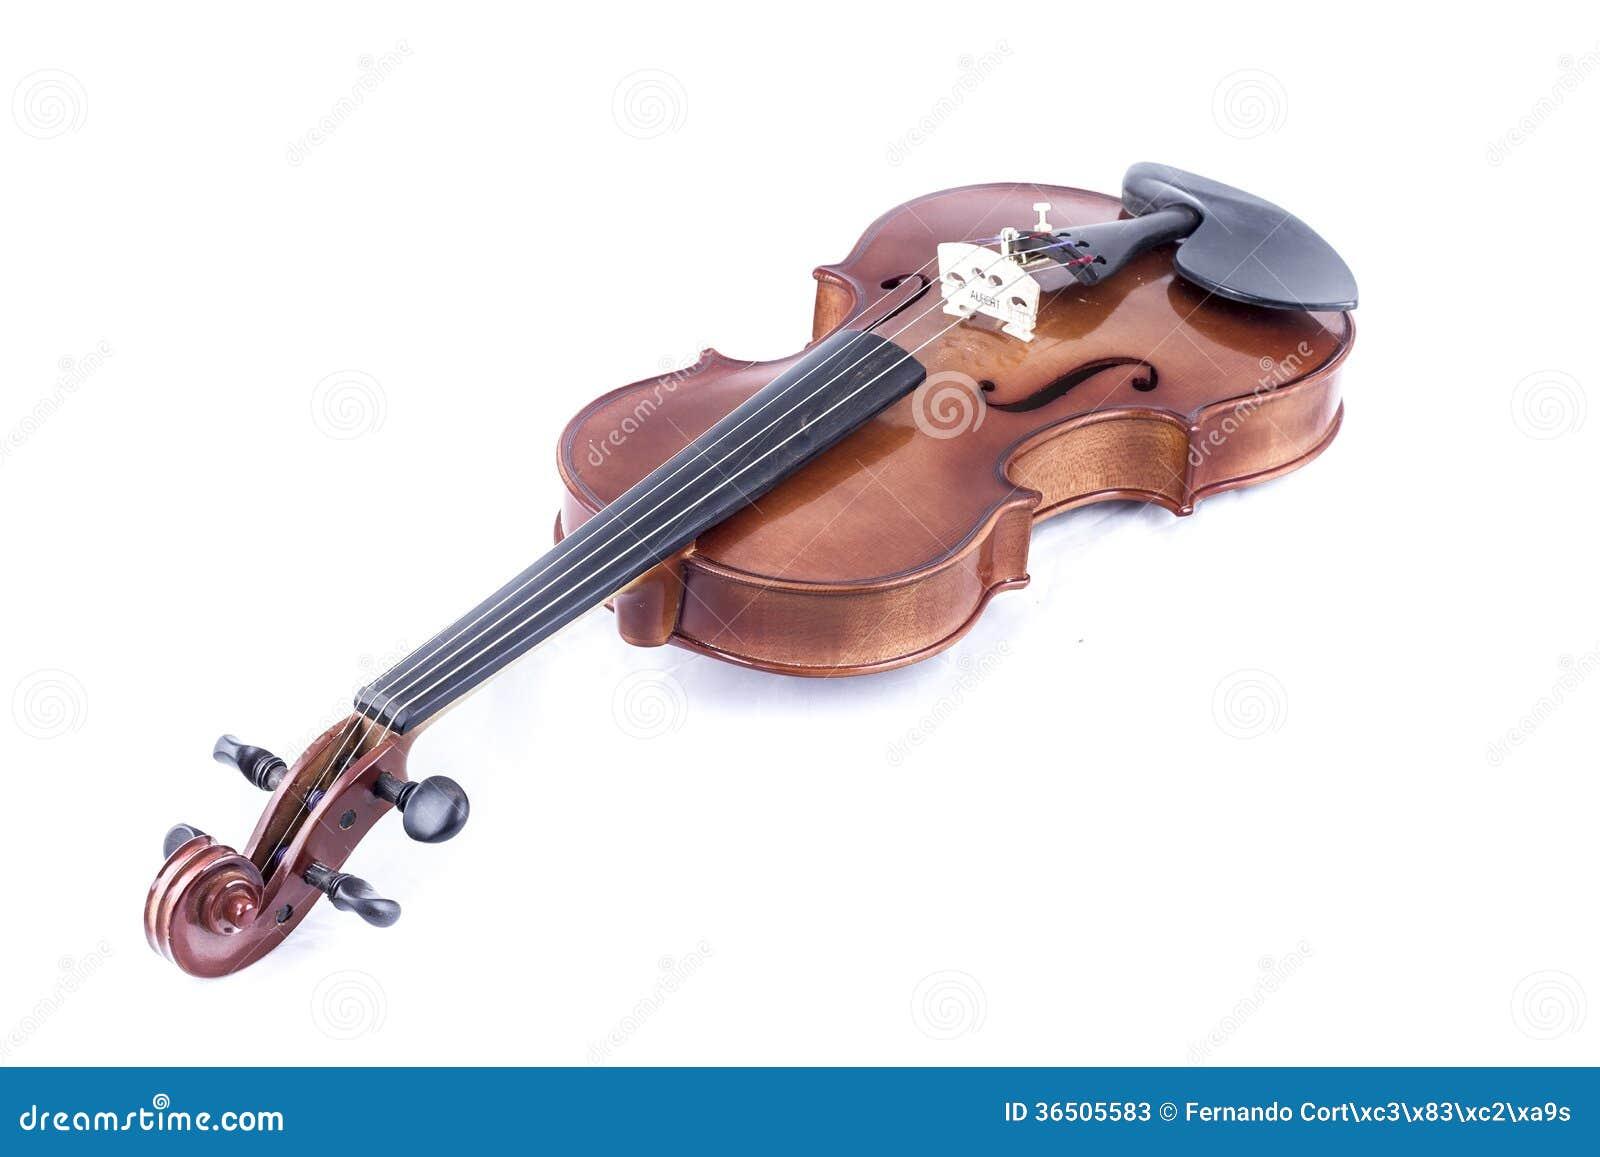 Suene, vista delantera del violín aislada en el blanco, vintage